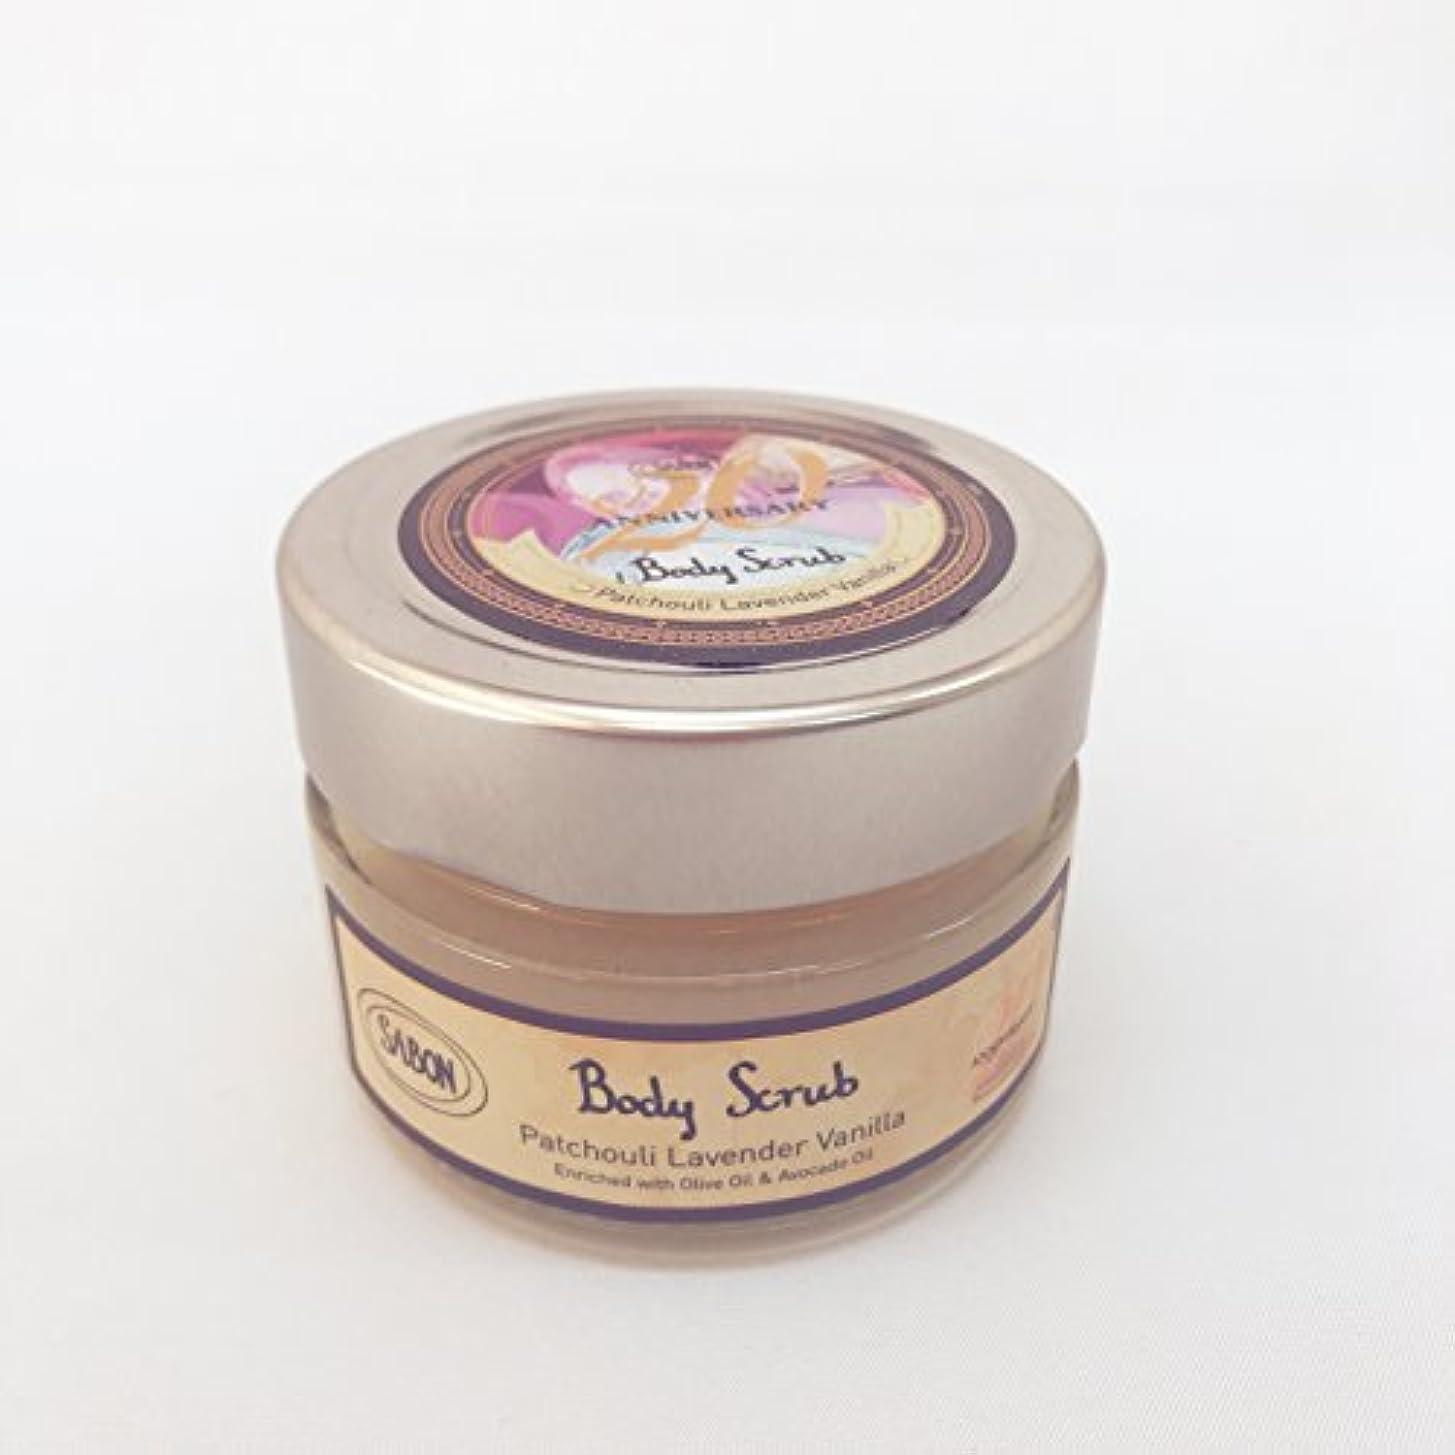 時計回り知り合いアリスSABON Body Scrub サボン ボディスクラブ 死海の塩 160 g 【Patchouli Lavender Vanilla パチュリラベンダーバニラ】 イスラエルより 並行輸入品 海外直送 [並行輸入品]